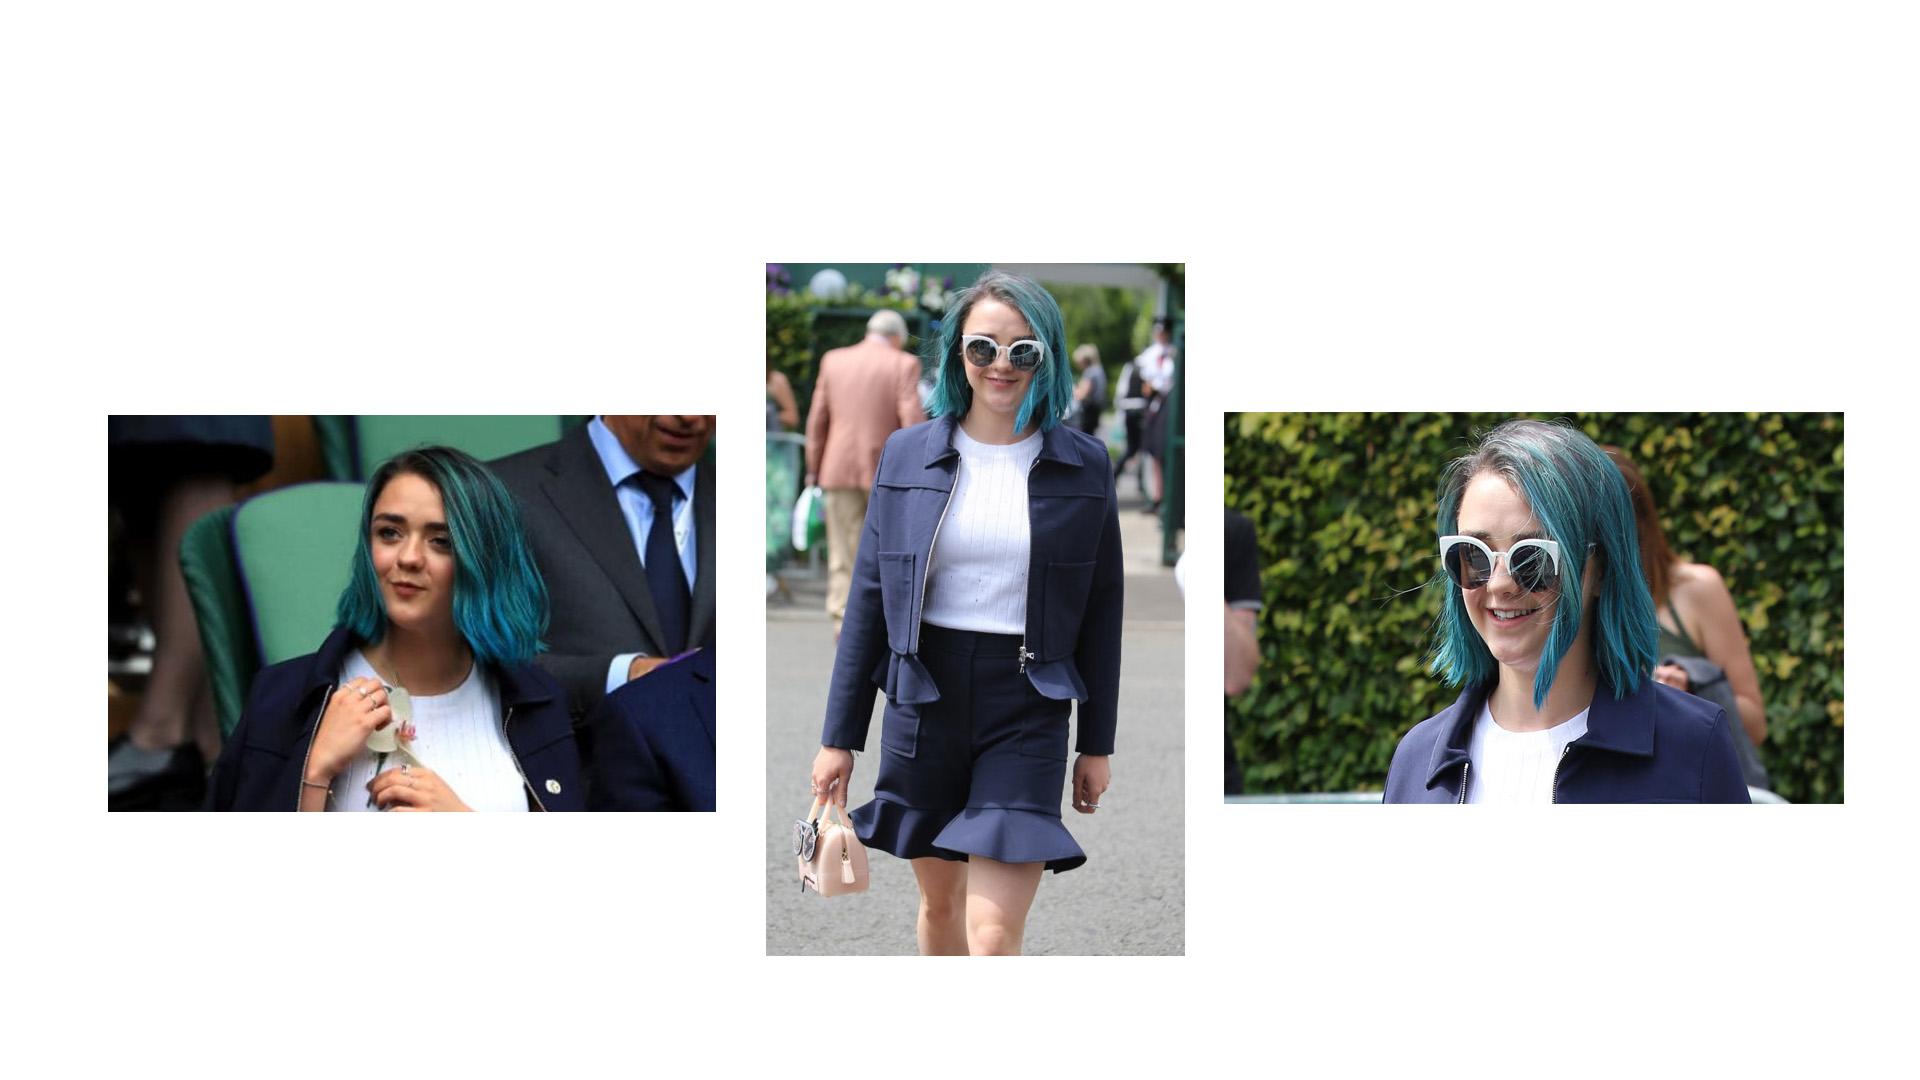 La actriz de 19 años estrenó un nuevo tono de cabello durante el torneo Wimbledon de Londres